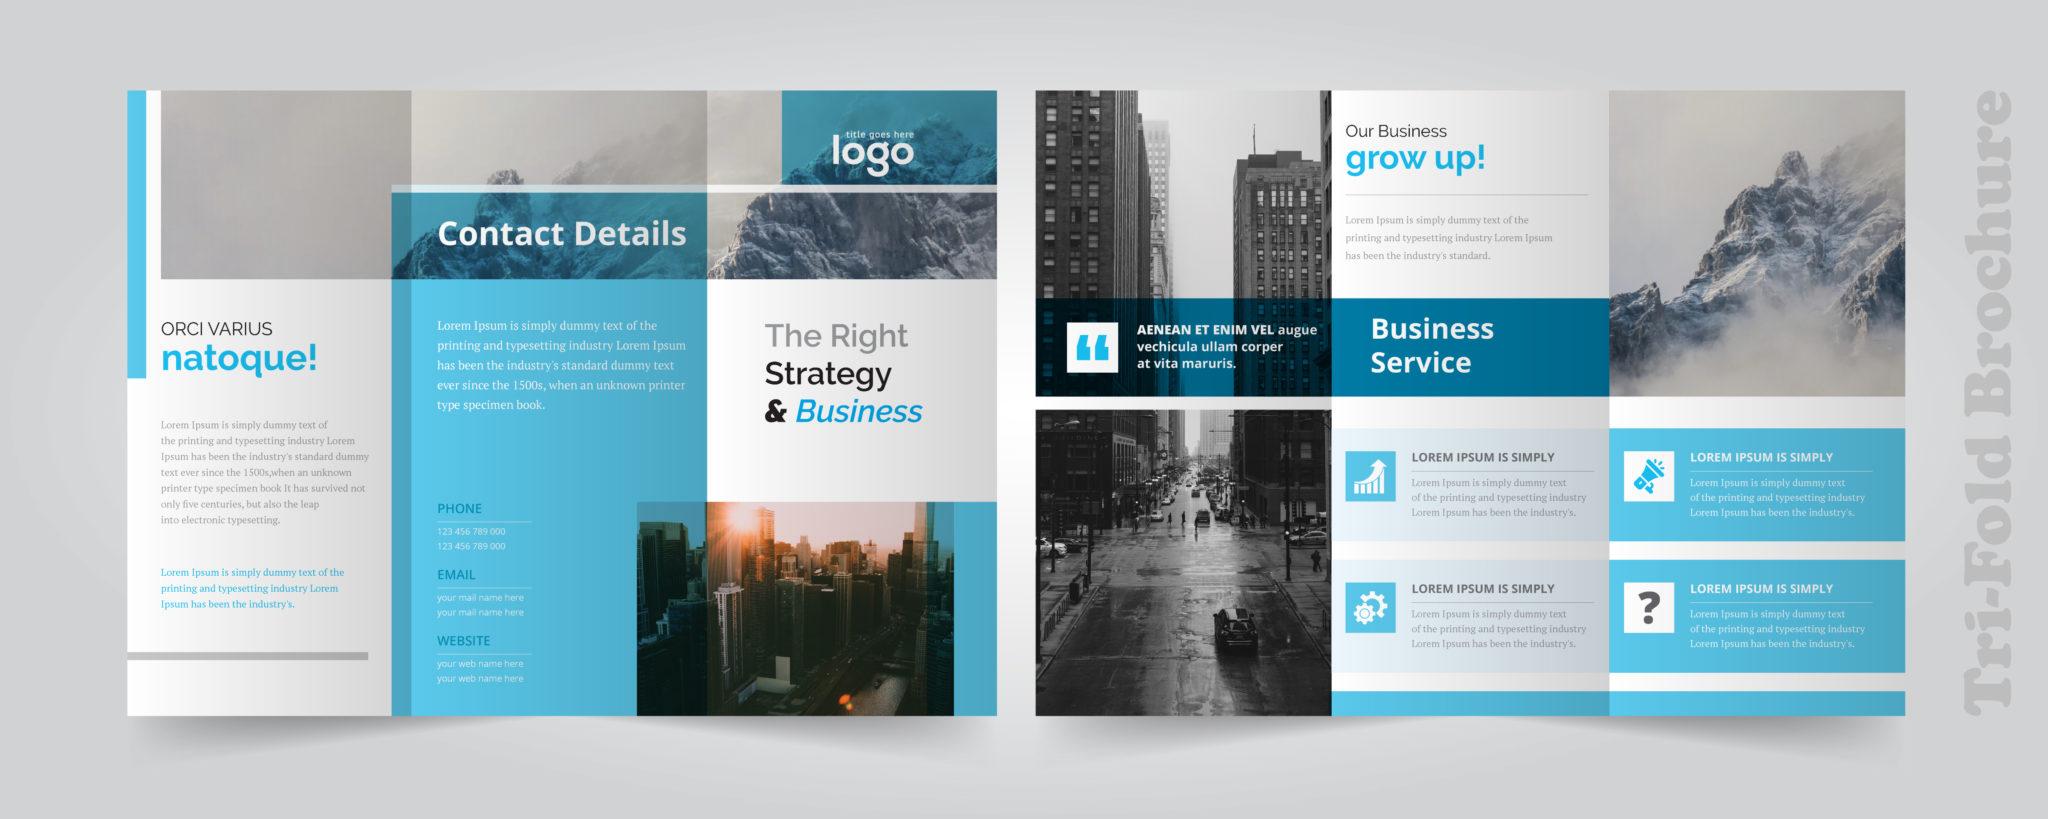 עיצוב אתרי אינטרנט – מקצוע מעצב אתרים